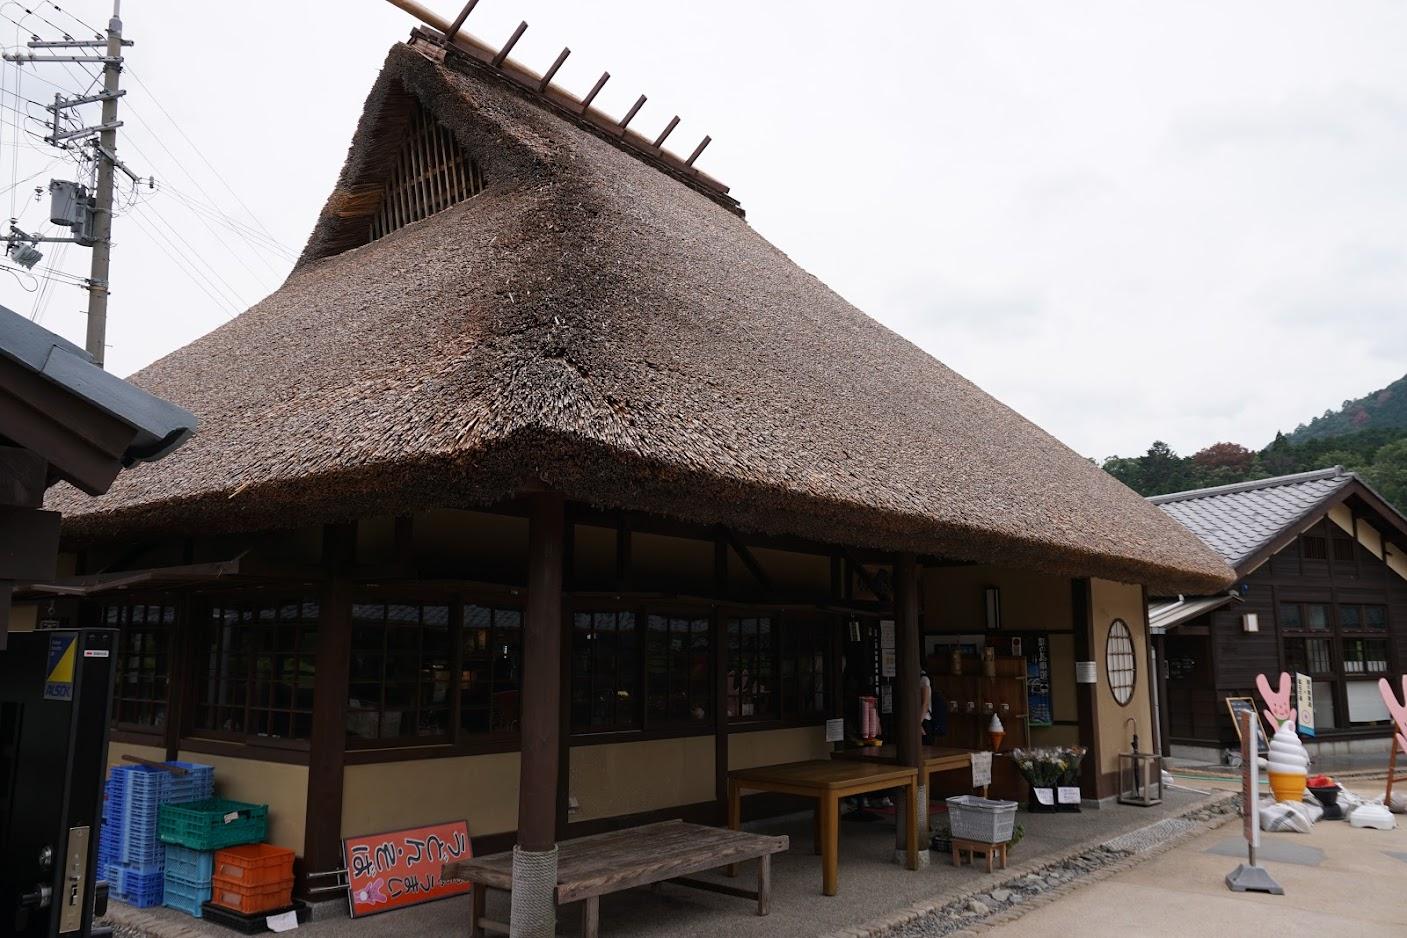 小さいけど地域の魅力たっぷり!一風変わった道の駅「銀の馬車道・神河」